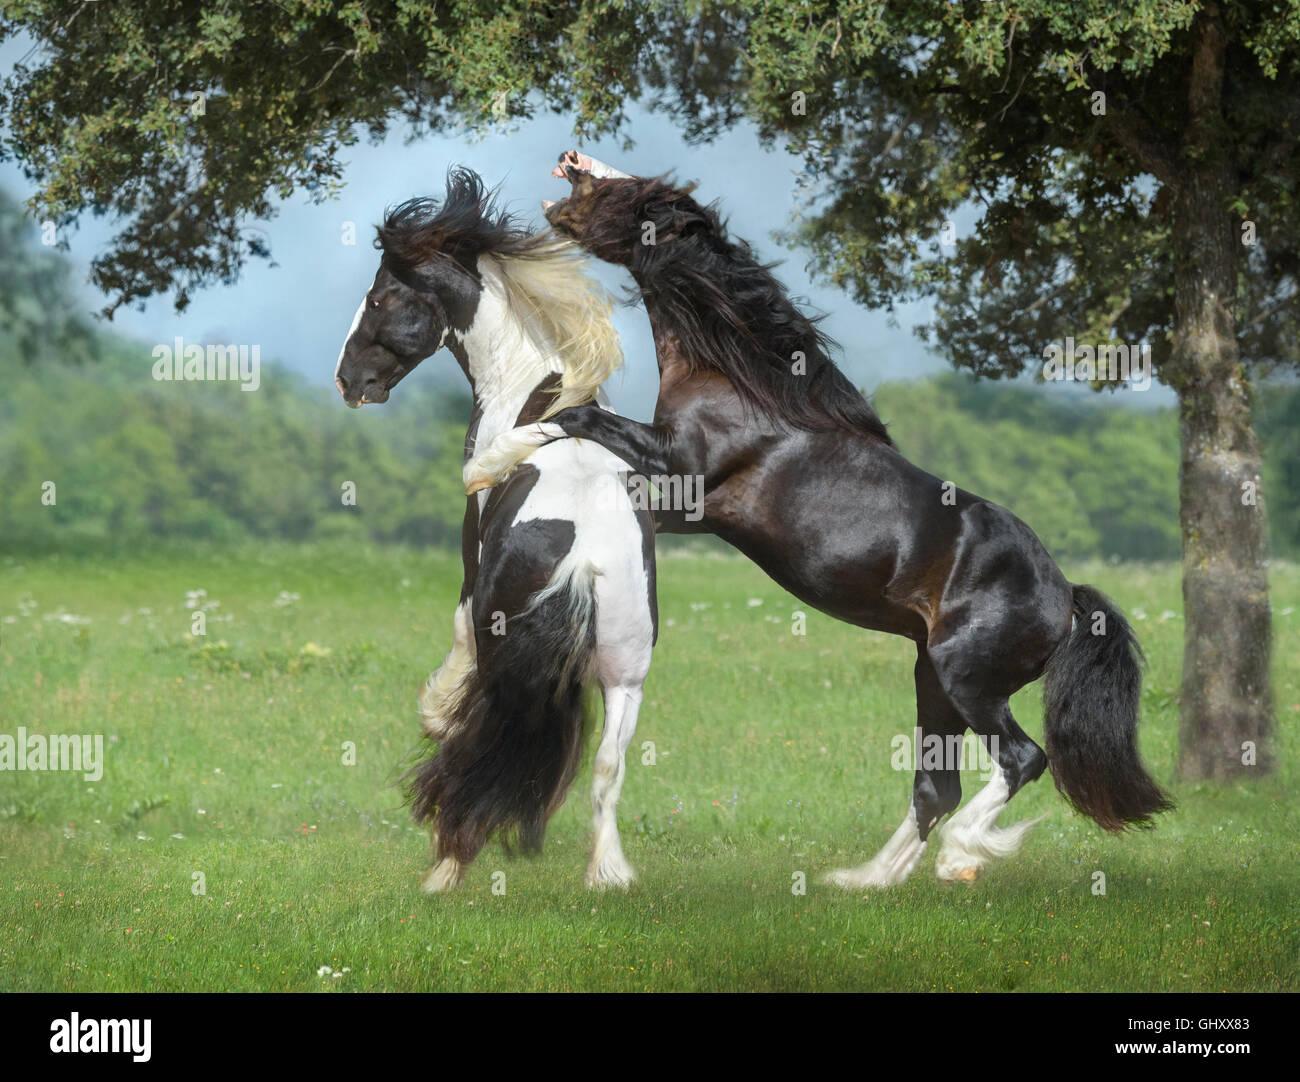 4 ans Gypsy Vanner Horse etalons roughouse et jouer Photo Stock